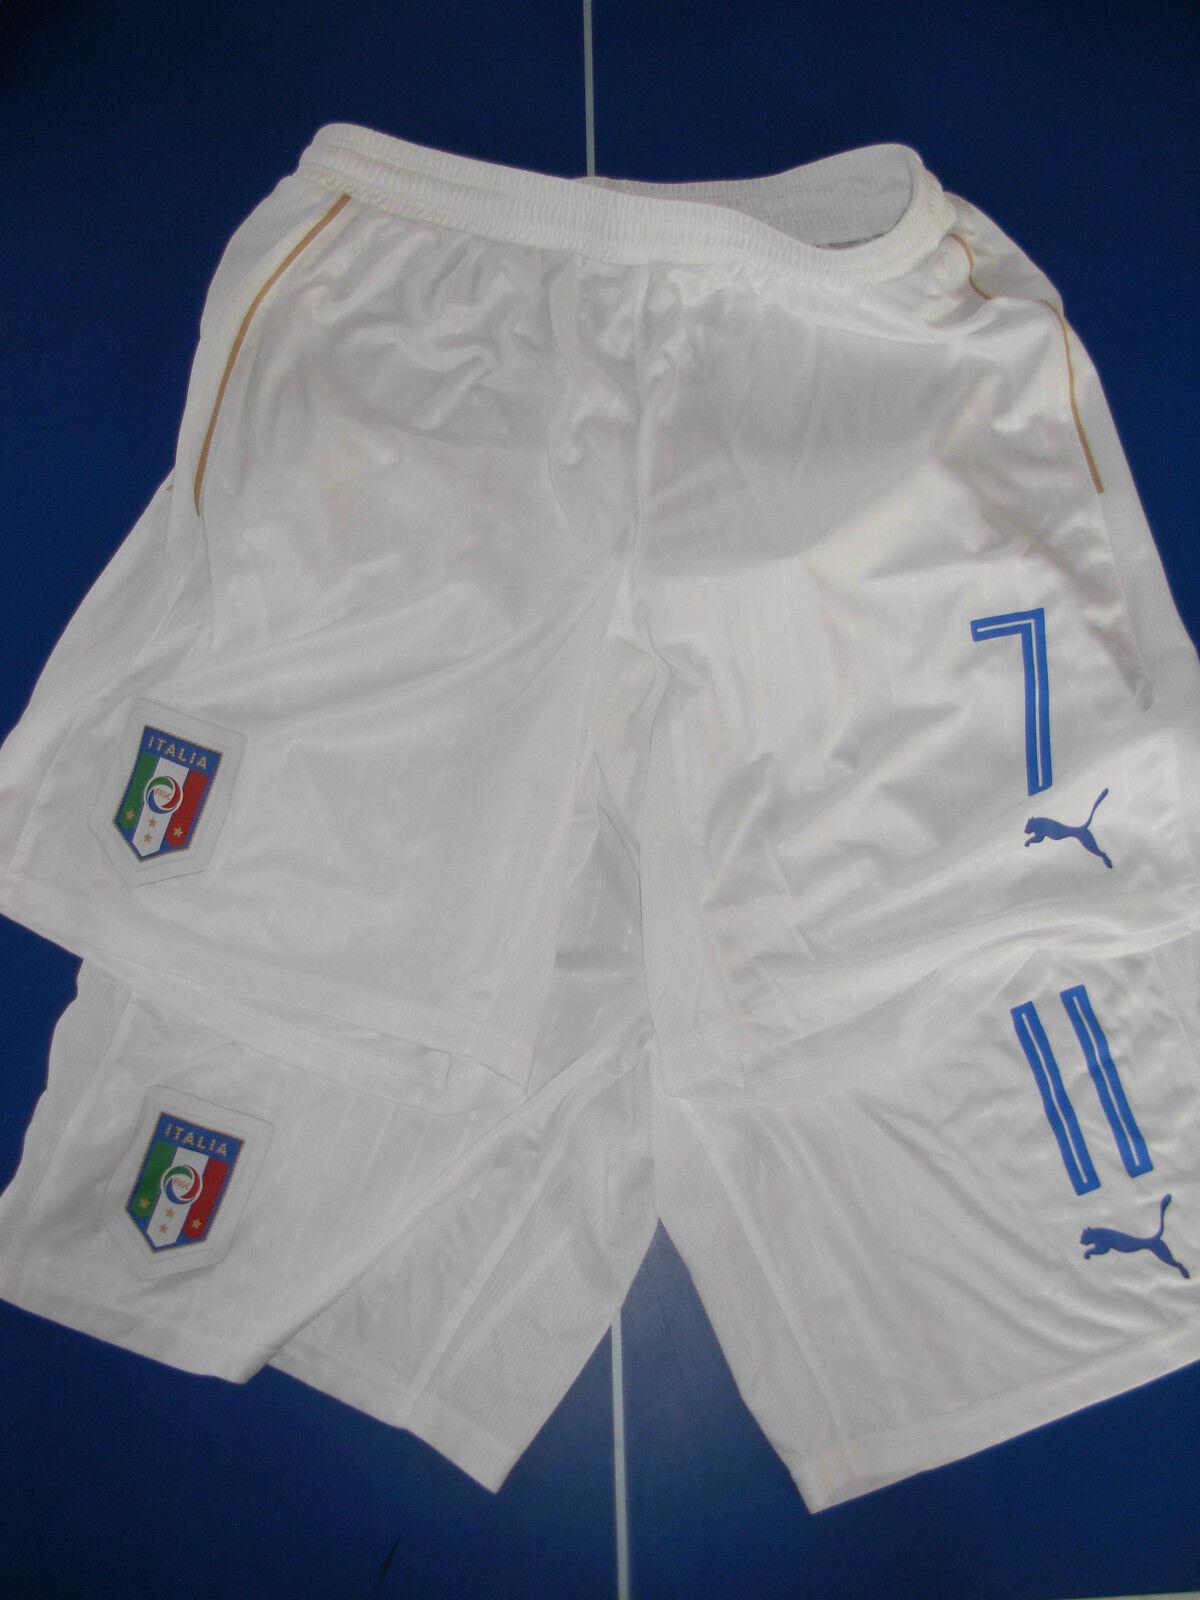 No maglia 2 short calcio italia puma match worn usato Dimensione L-XL nr 7  e 11